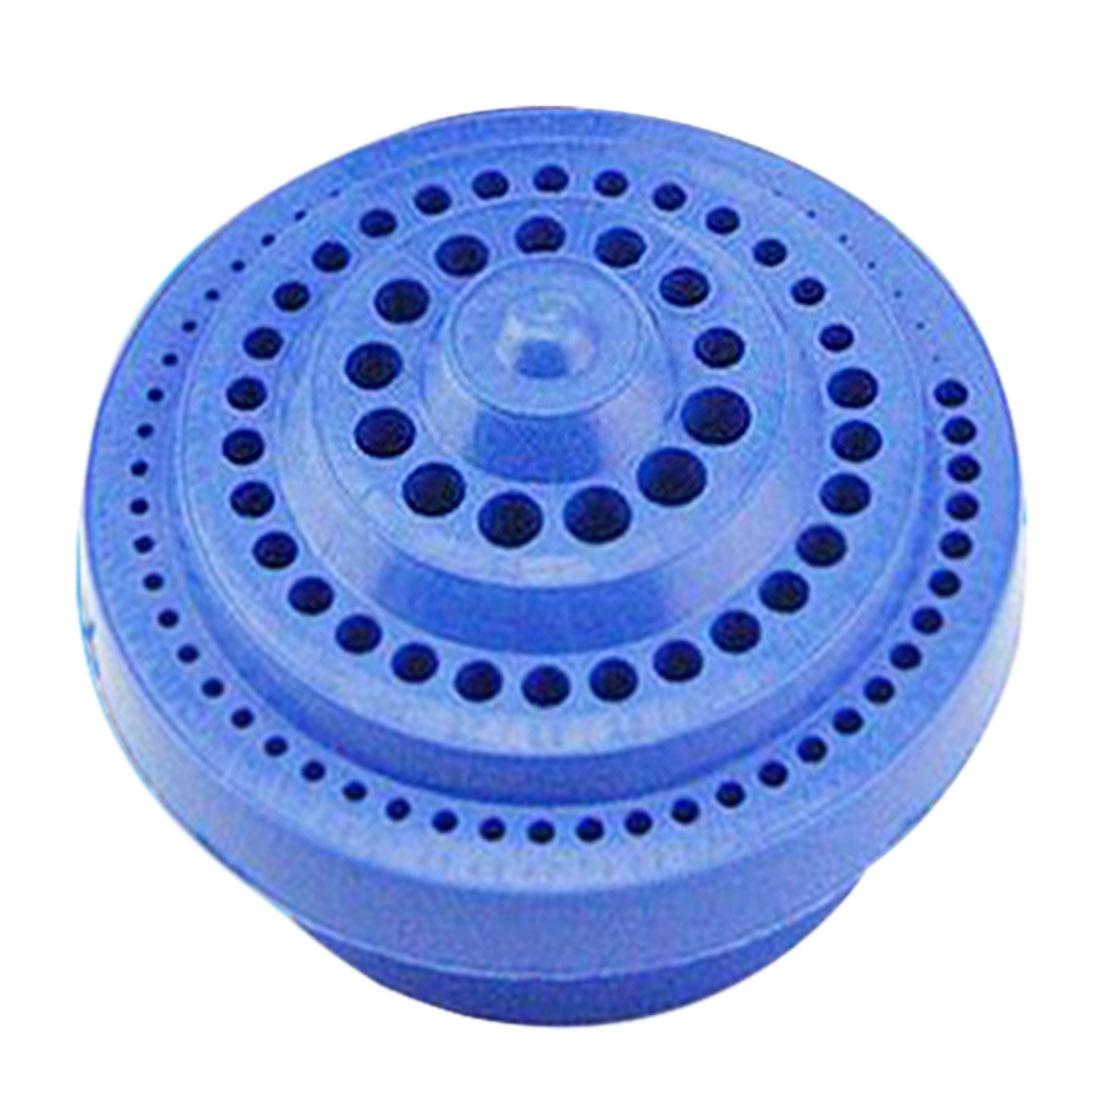 Mallette de rangement de foret dur en plastique de forme ronde-bleu 1-13mmMallette de rangement de foret dur en plastique de forme ronde-bleu 1-13mm